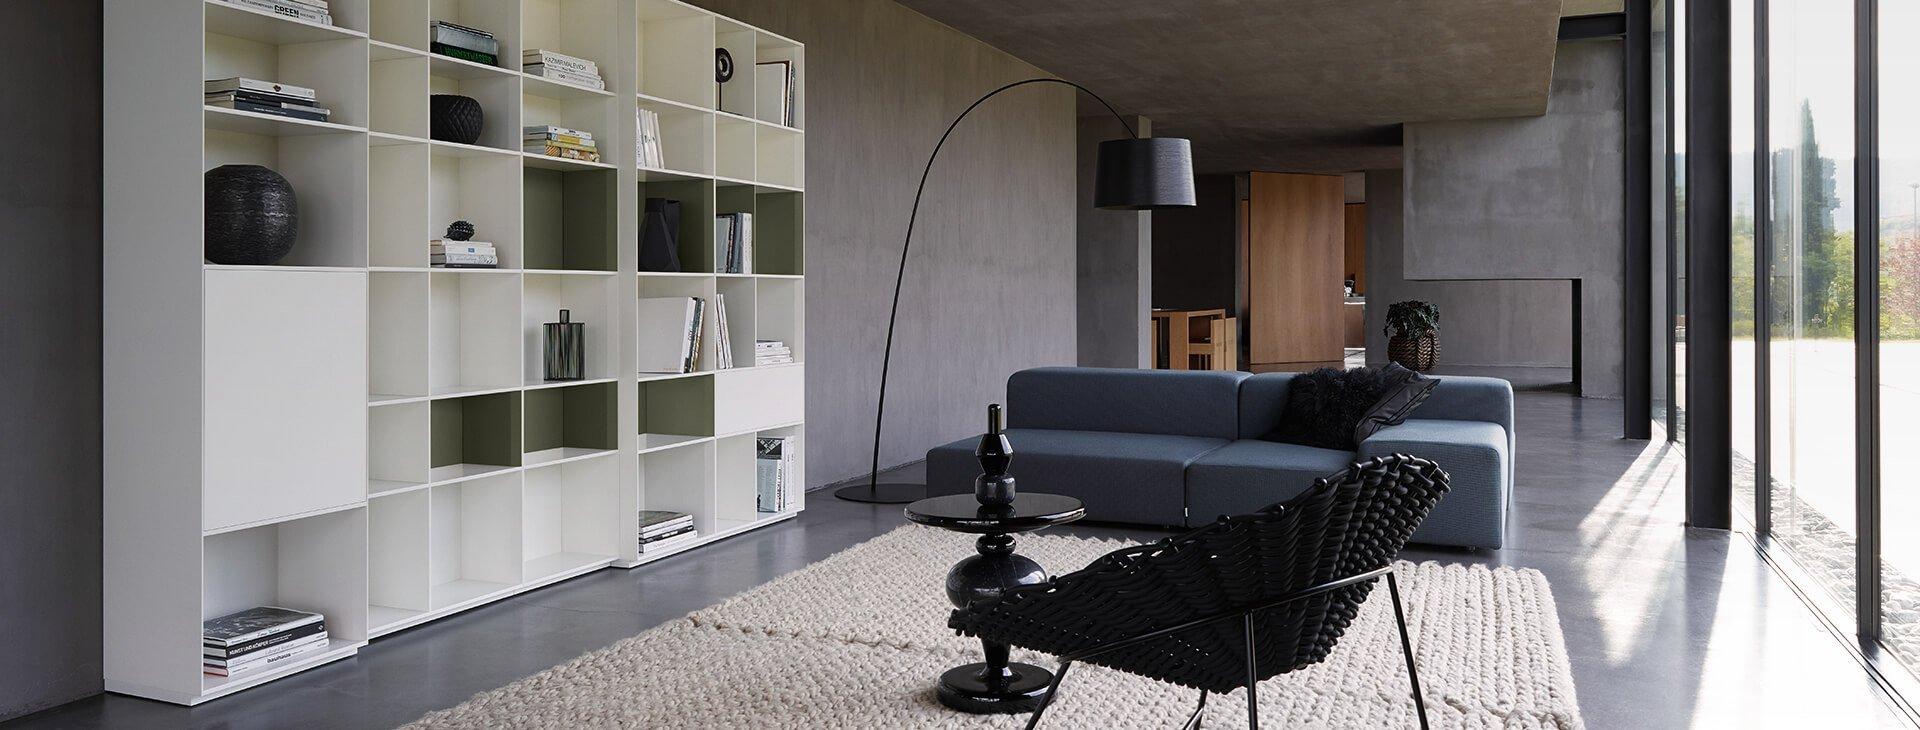 d sseldorf stilwerk. Black Bedroom Furniture Sets. Home Design Ideas